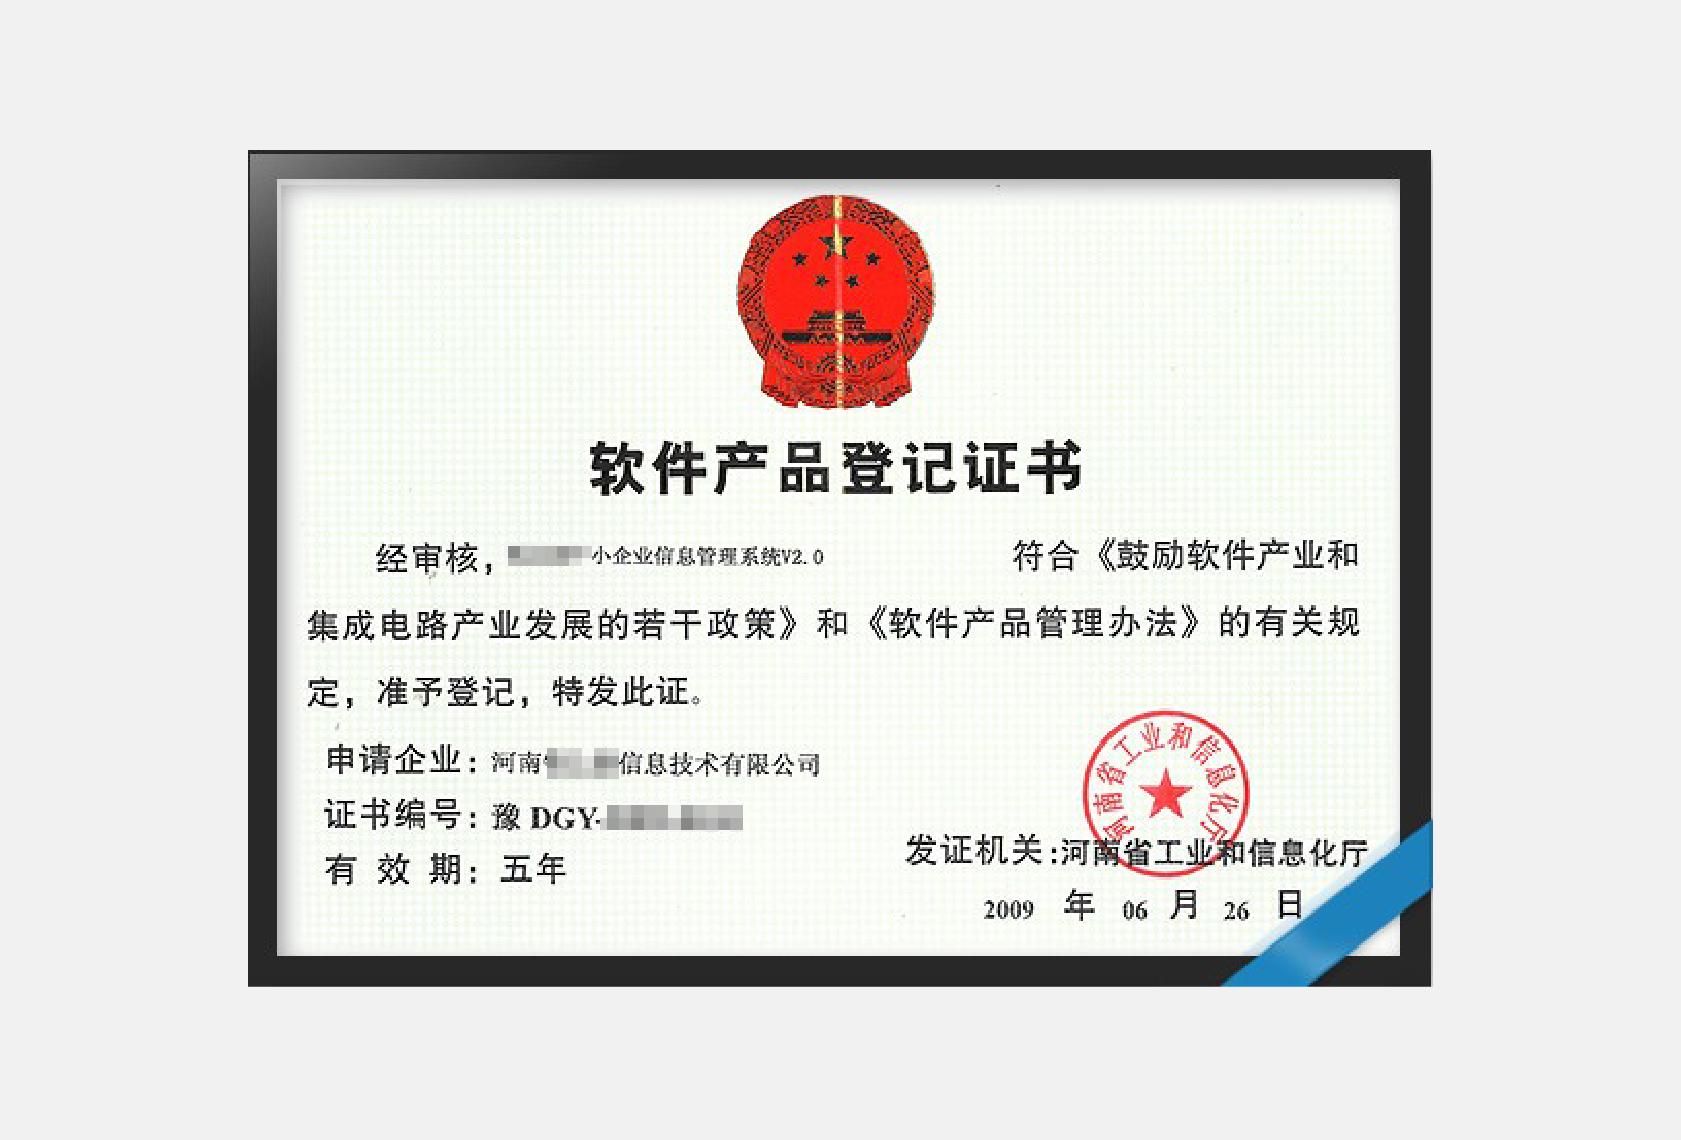 软件产品、软件企业证书